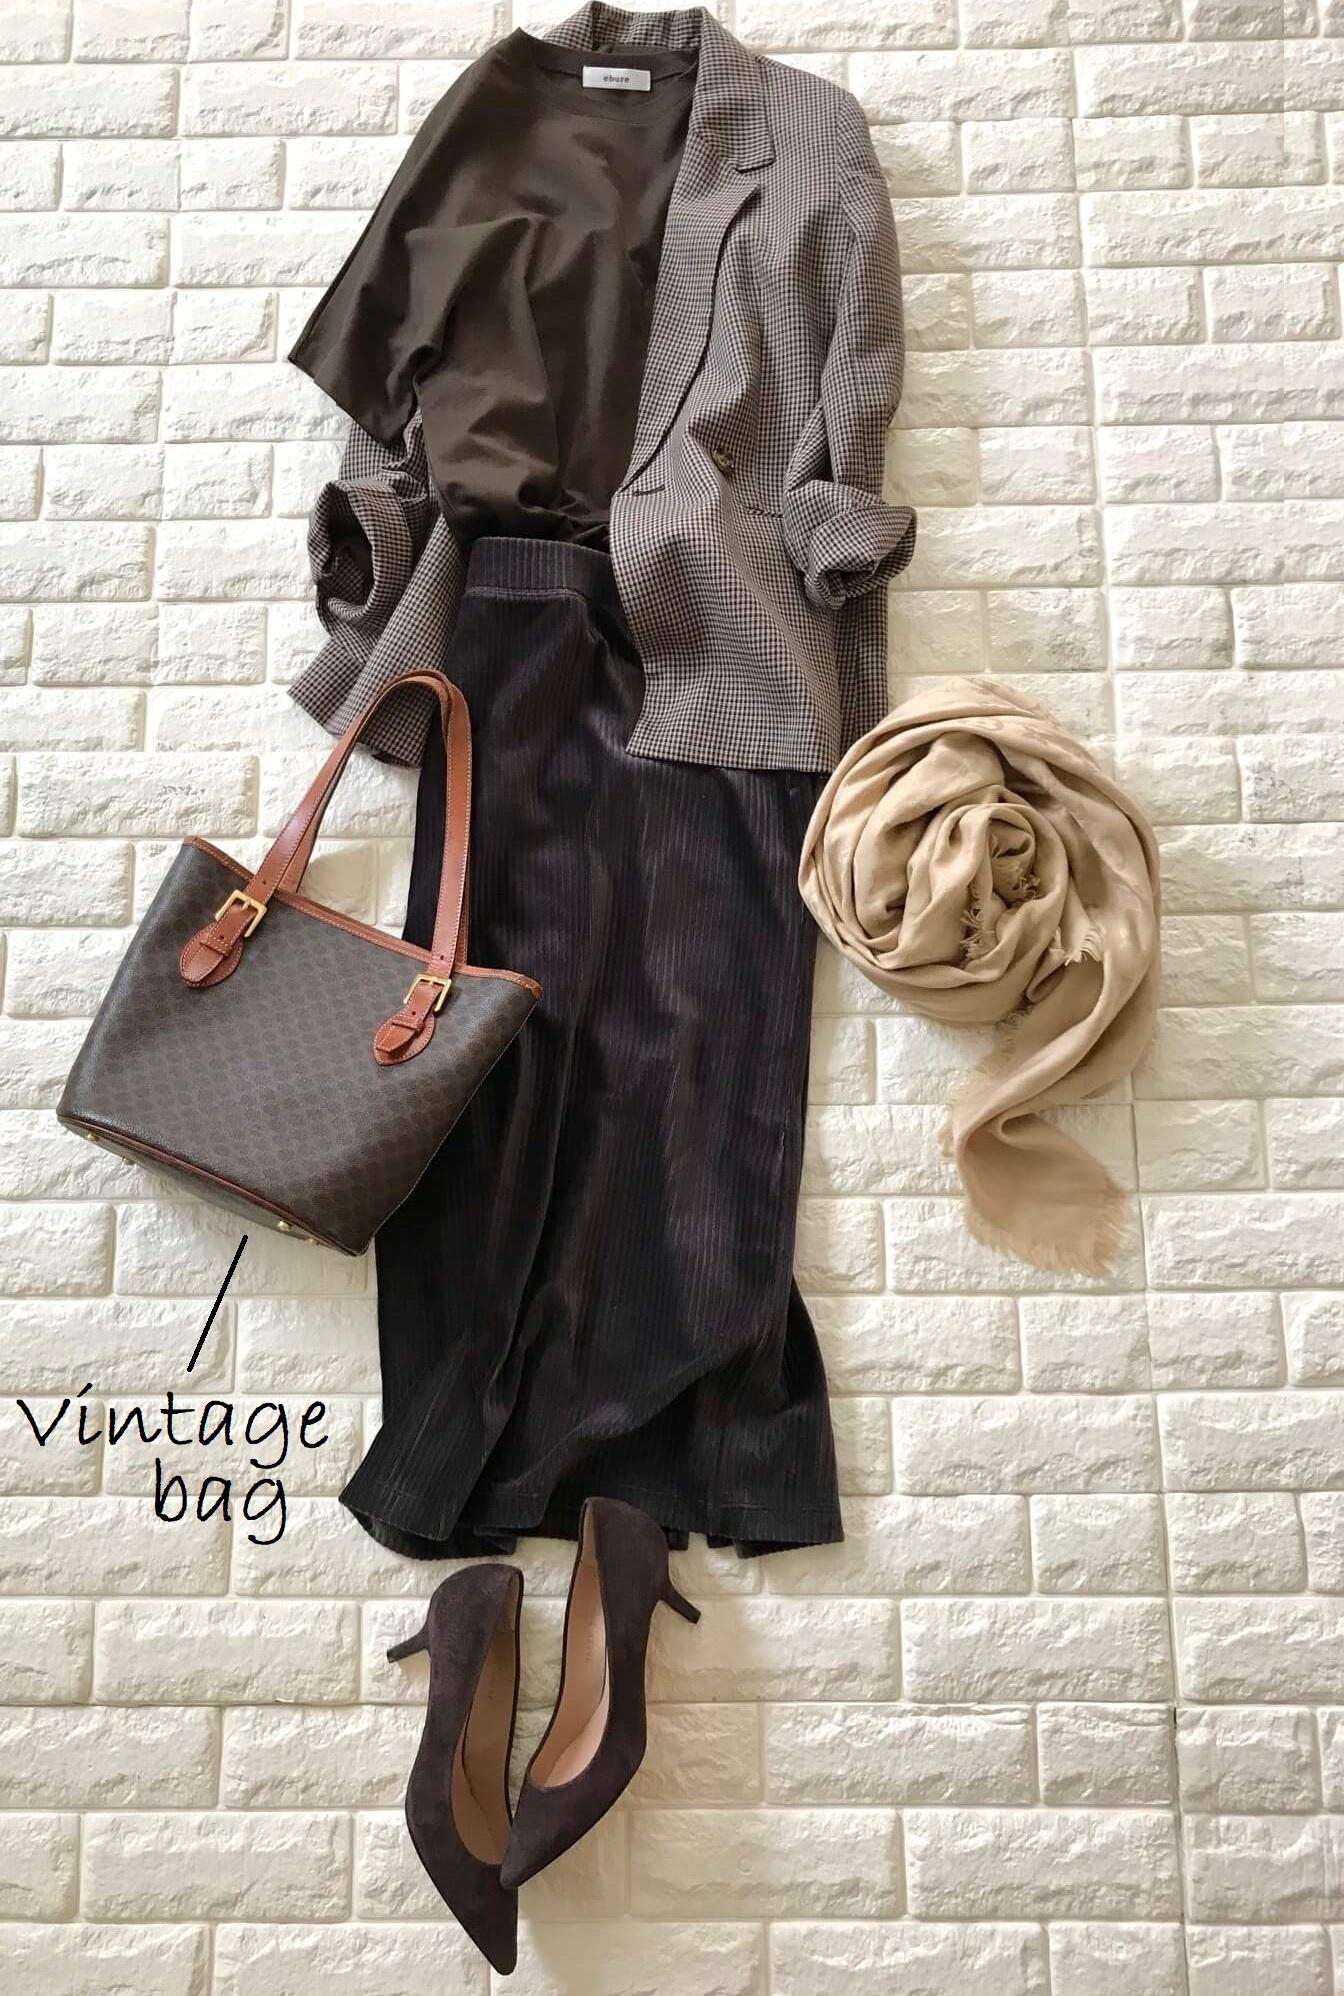 セリーヌのヴィンテージバッグにジャケットを合わせたコーデ